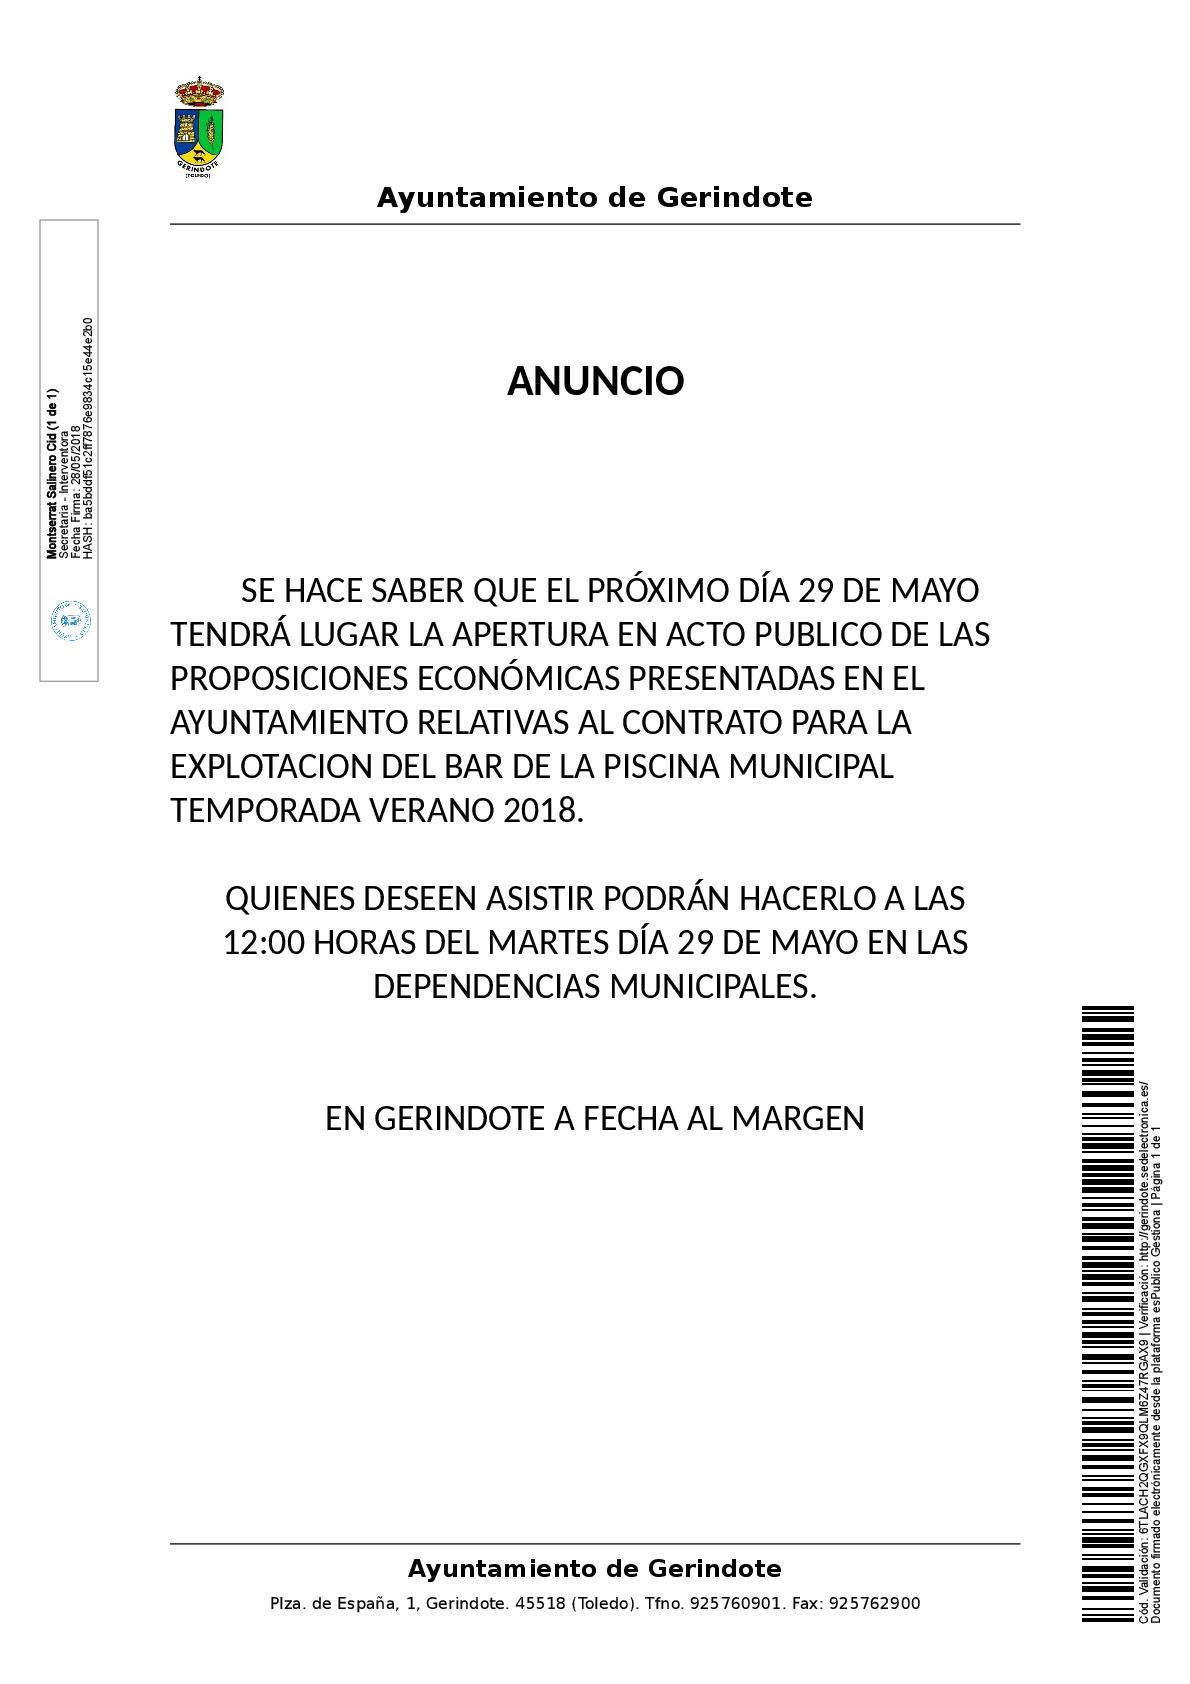 ANUNCIO-001